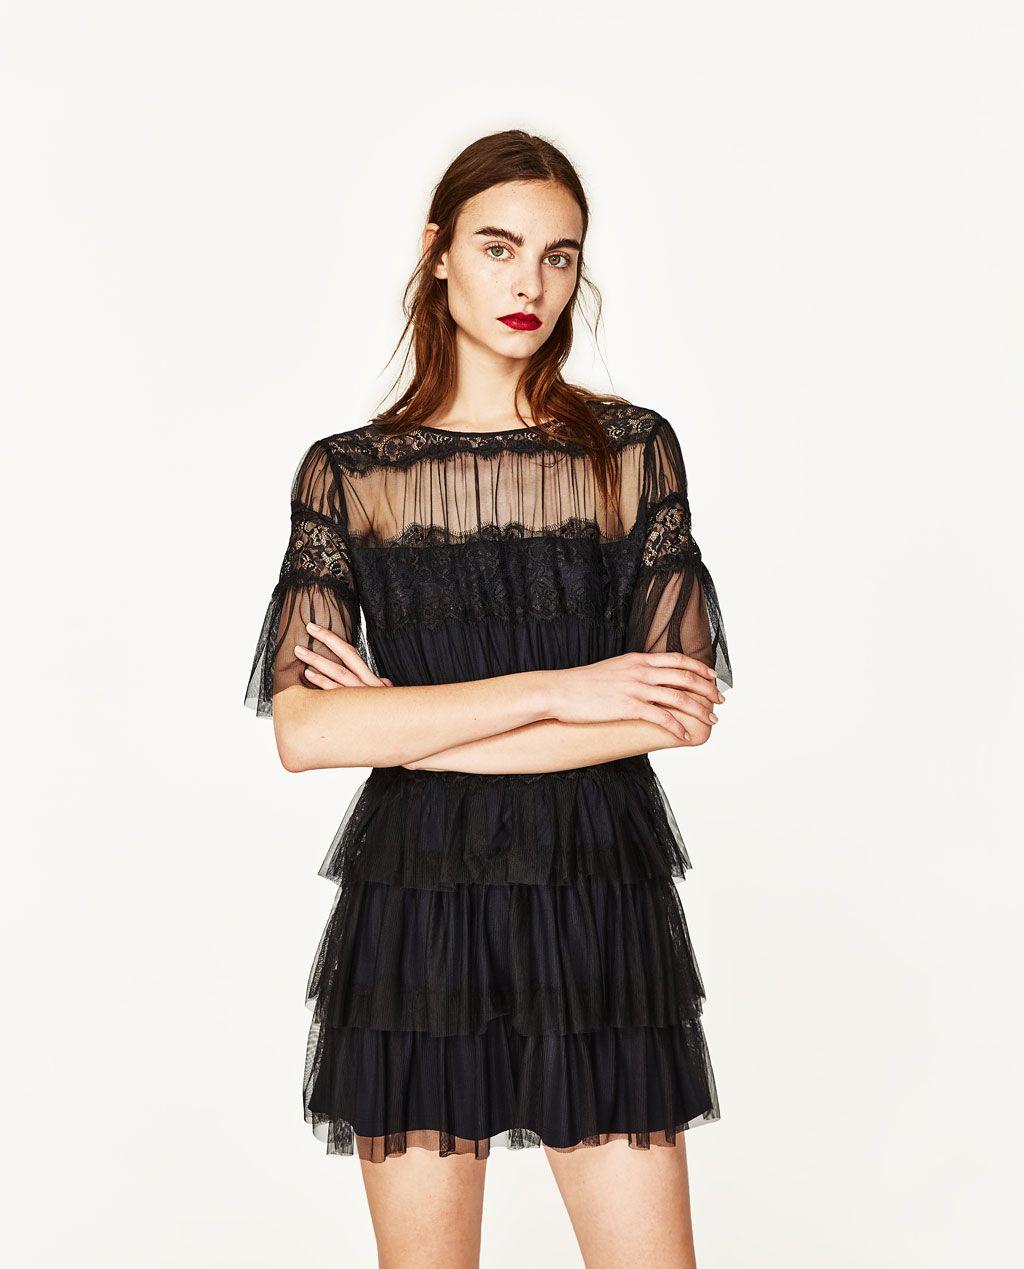 a0919c670 VESTIDO TUL Y ENCAJE   Garments —   Black lace mini dress, Lace ...